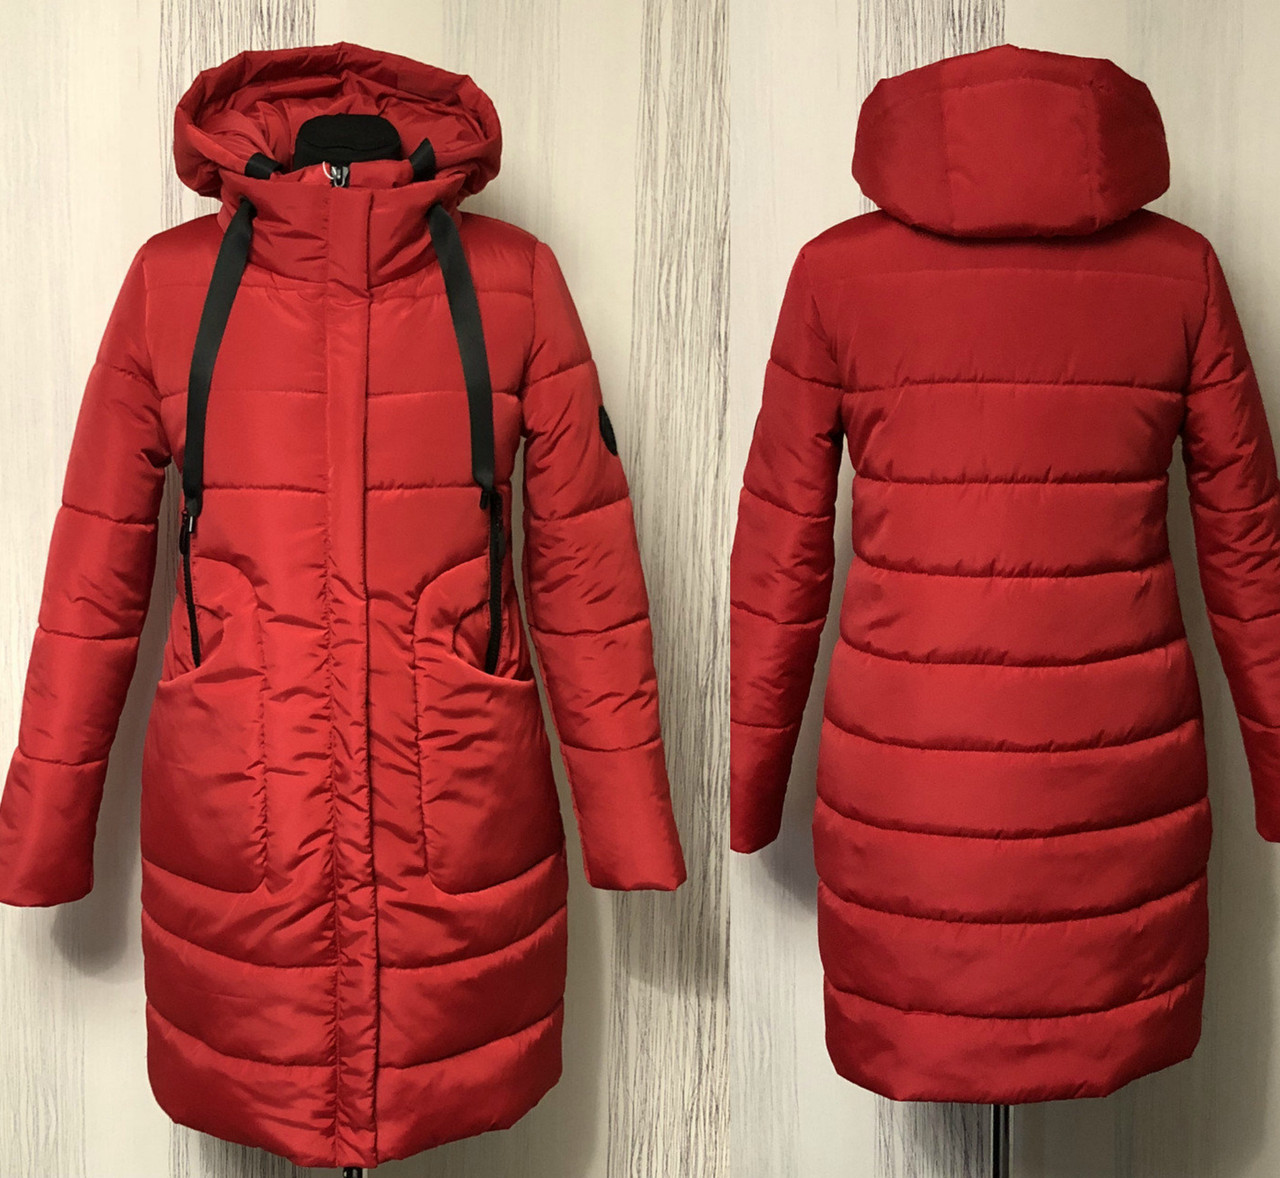 Яркая женская куртка пуховик зимняя